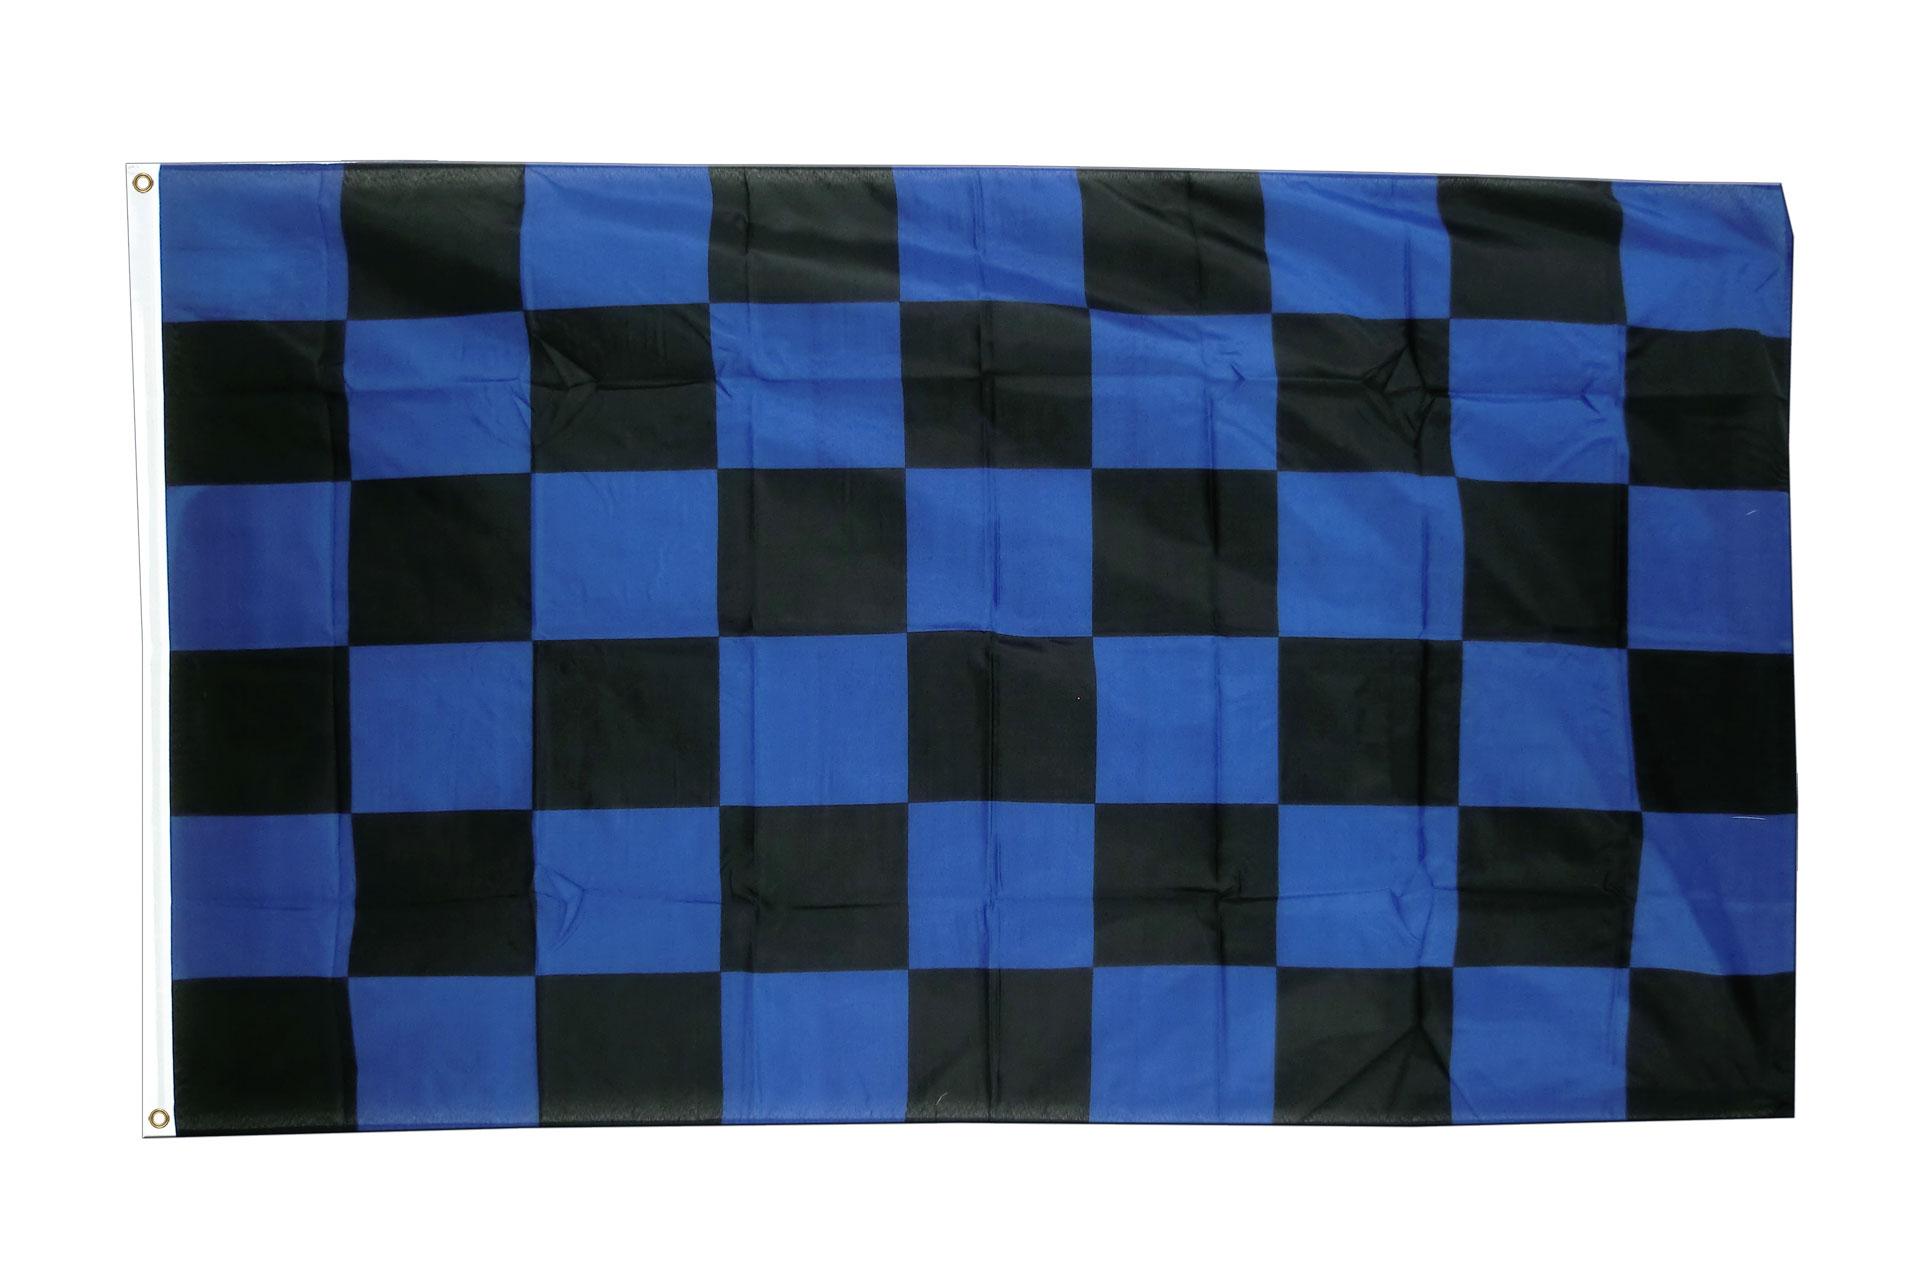 kariert blau schwarz fahne kaufen 90 x 150 cm. Black Bedroom Furniture Sets. Home Design Ideas